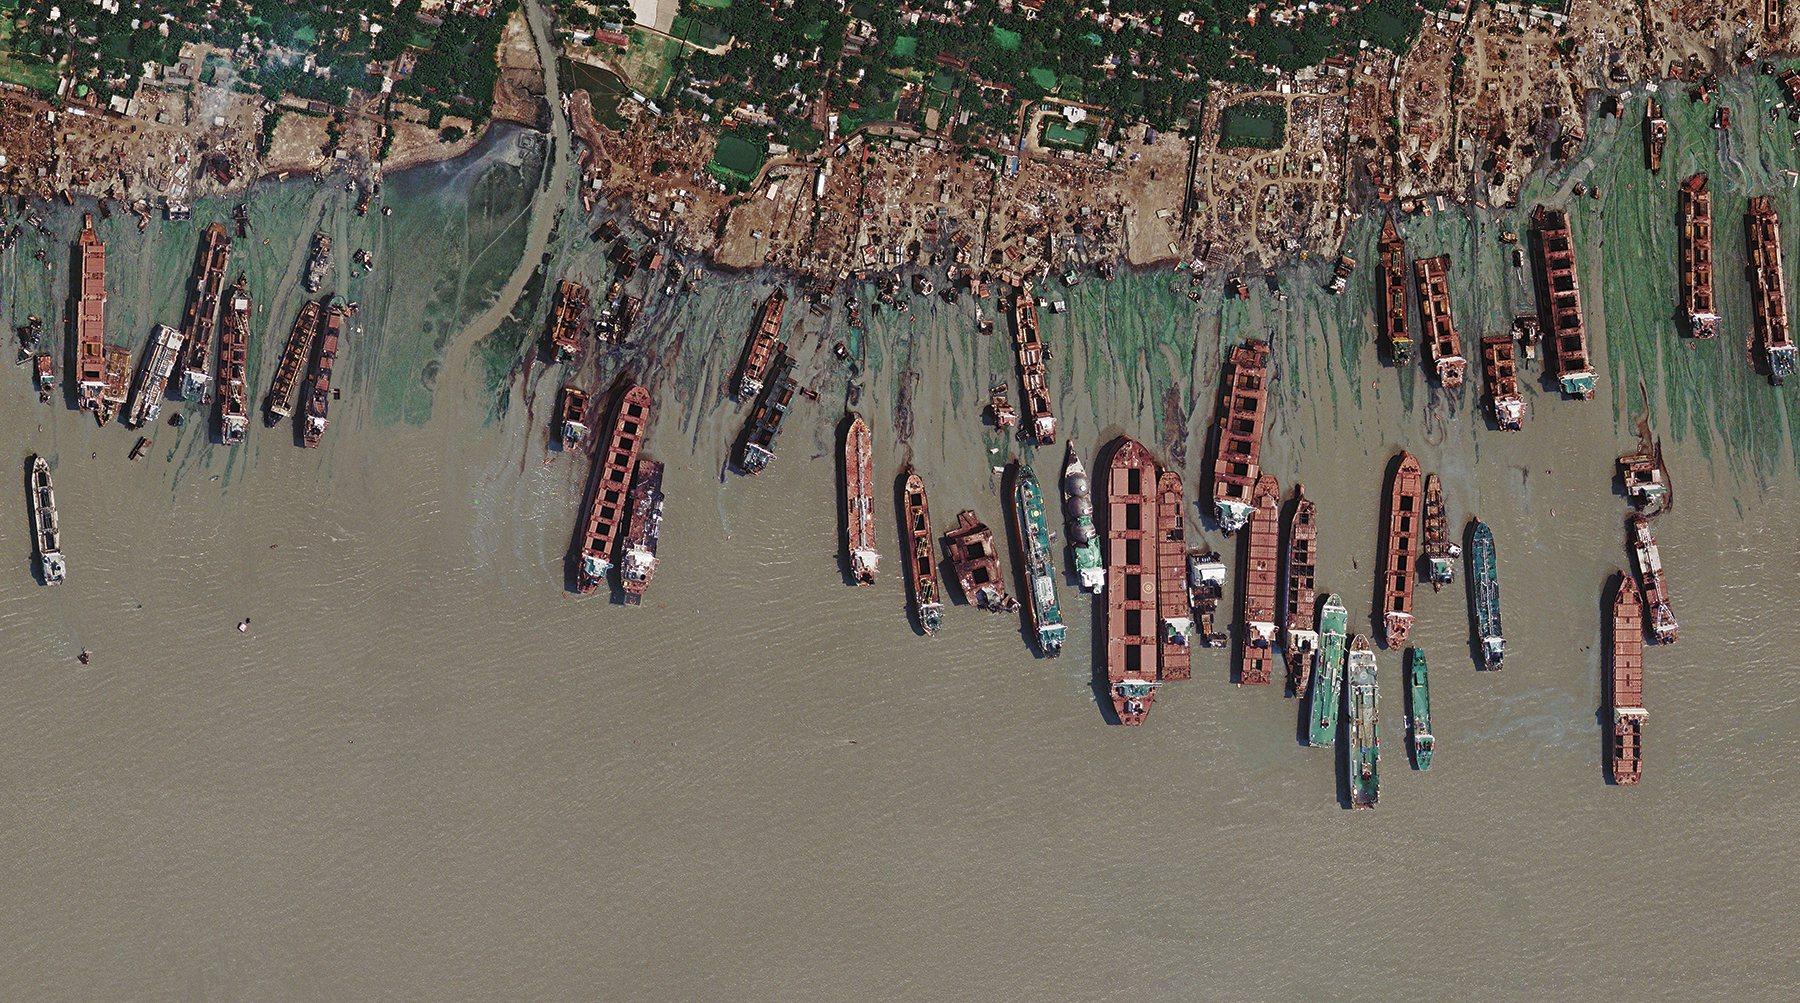 Desguace y renovación de flota: mirar el pasado, proyectar el futuro